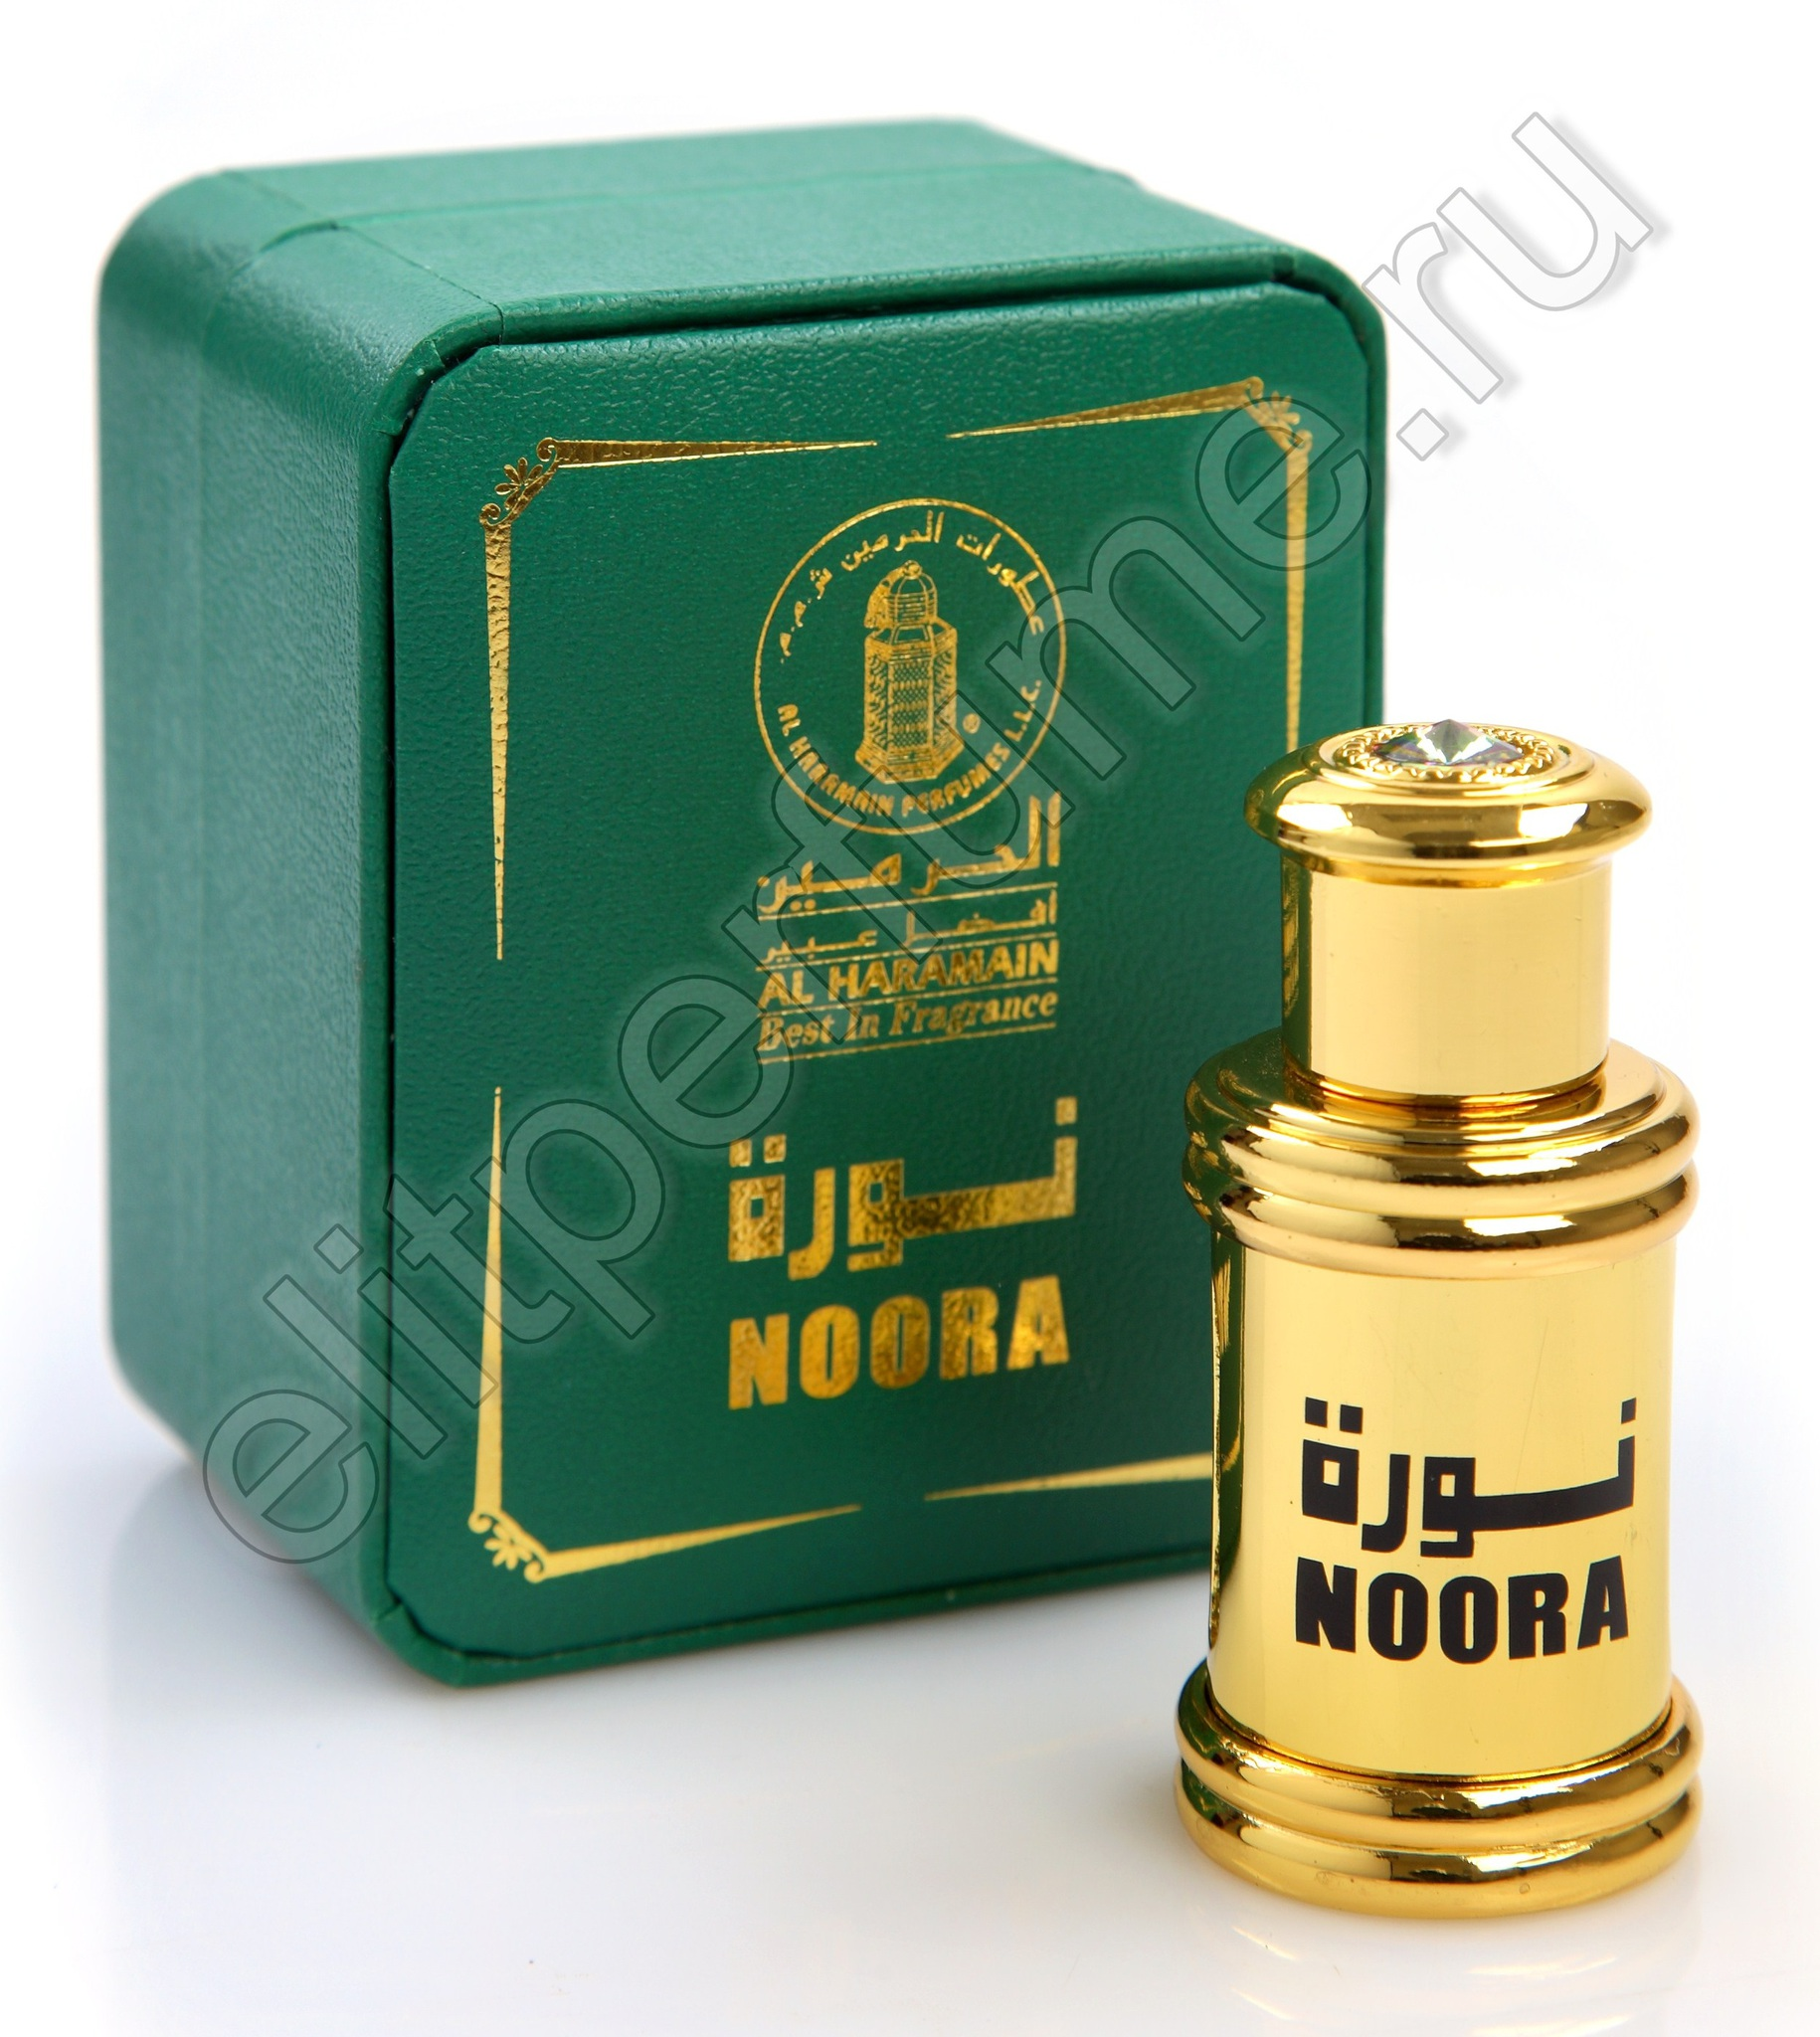 Пробники для духов Нура Noora 1 мл арабские масляные духи от Аль Харамайн Al Haramin Perfumes